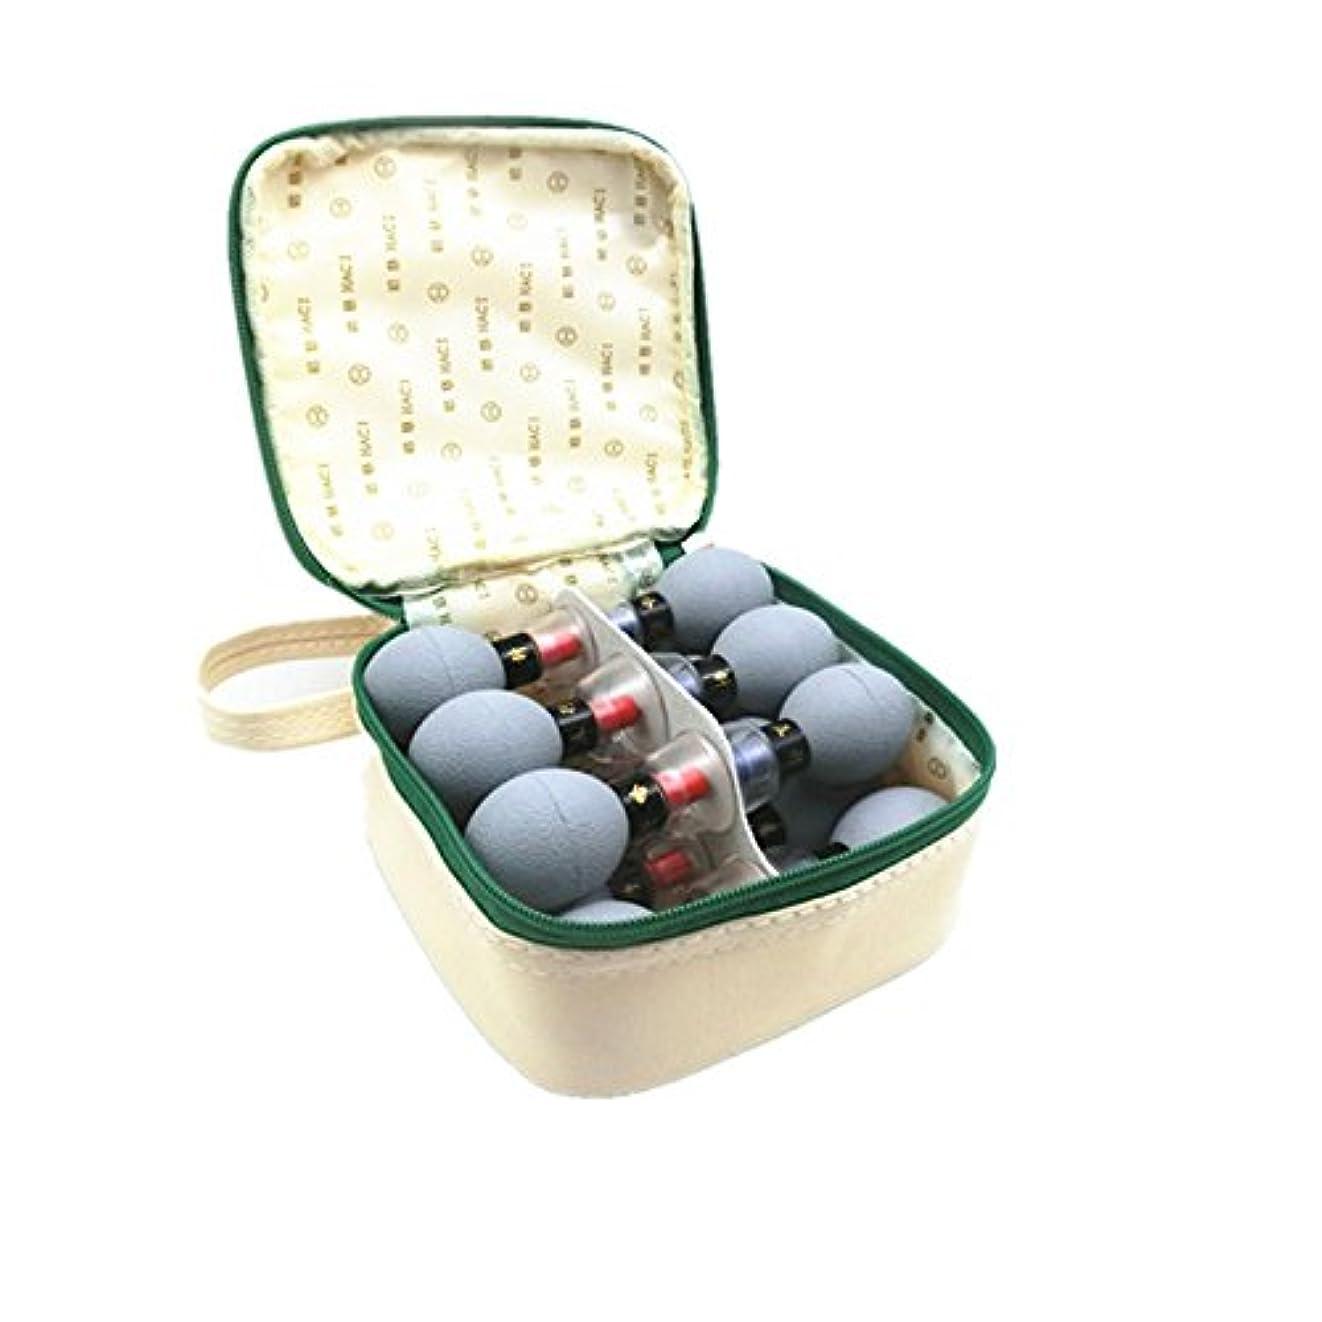 ブランド名教え配置家庭用真空磁気療法指圧吸引カップTCM鍼灸治療用マッサージヘルスケアセット